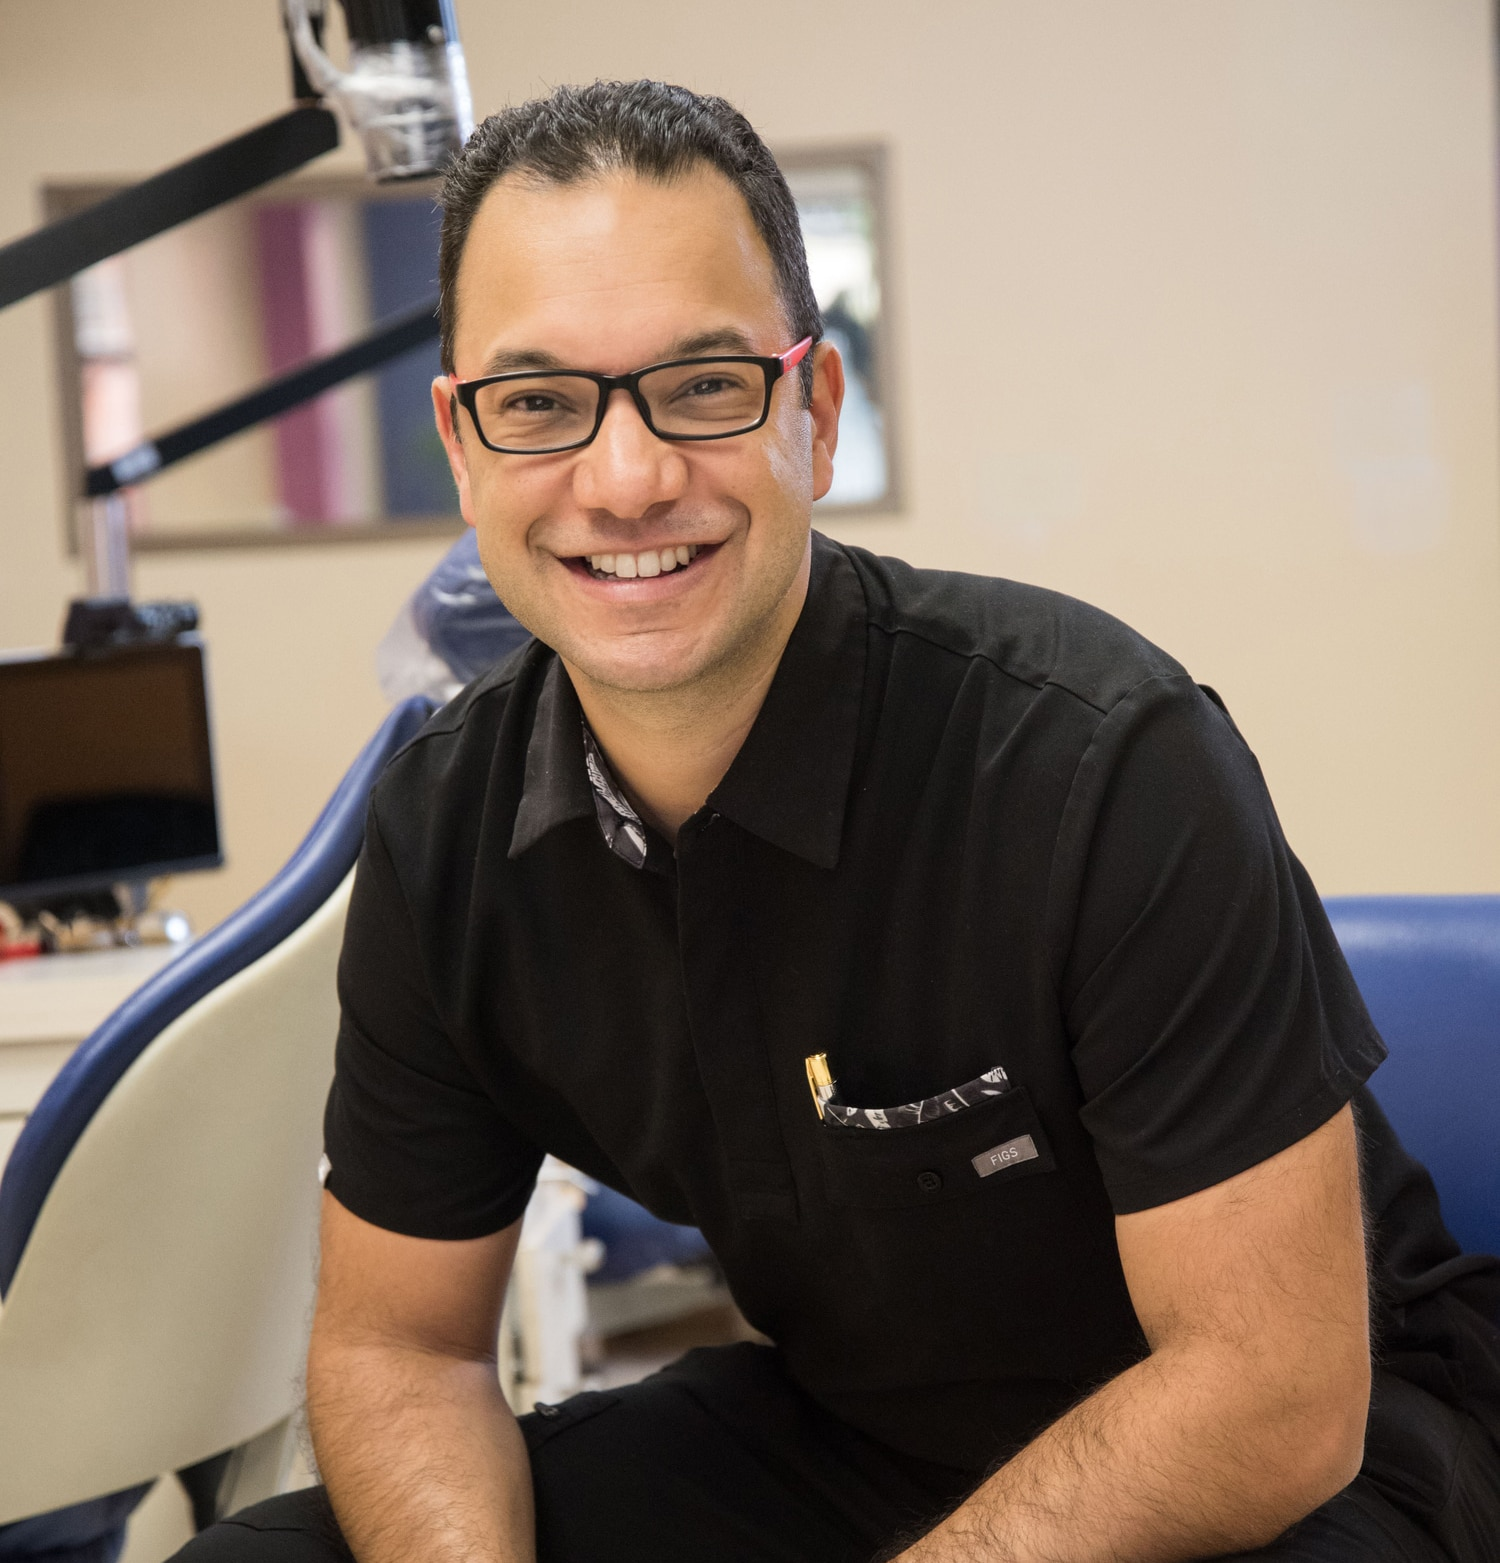 Dr. Javier Trejos